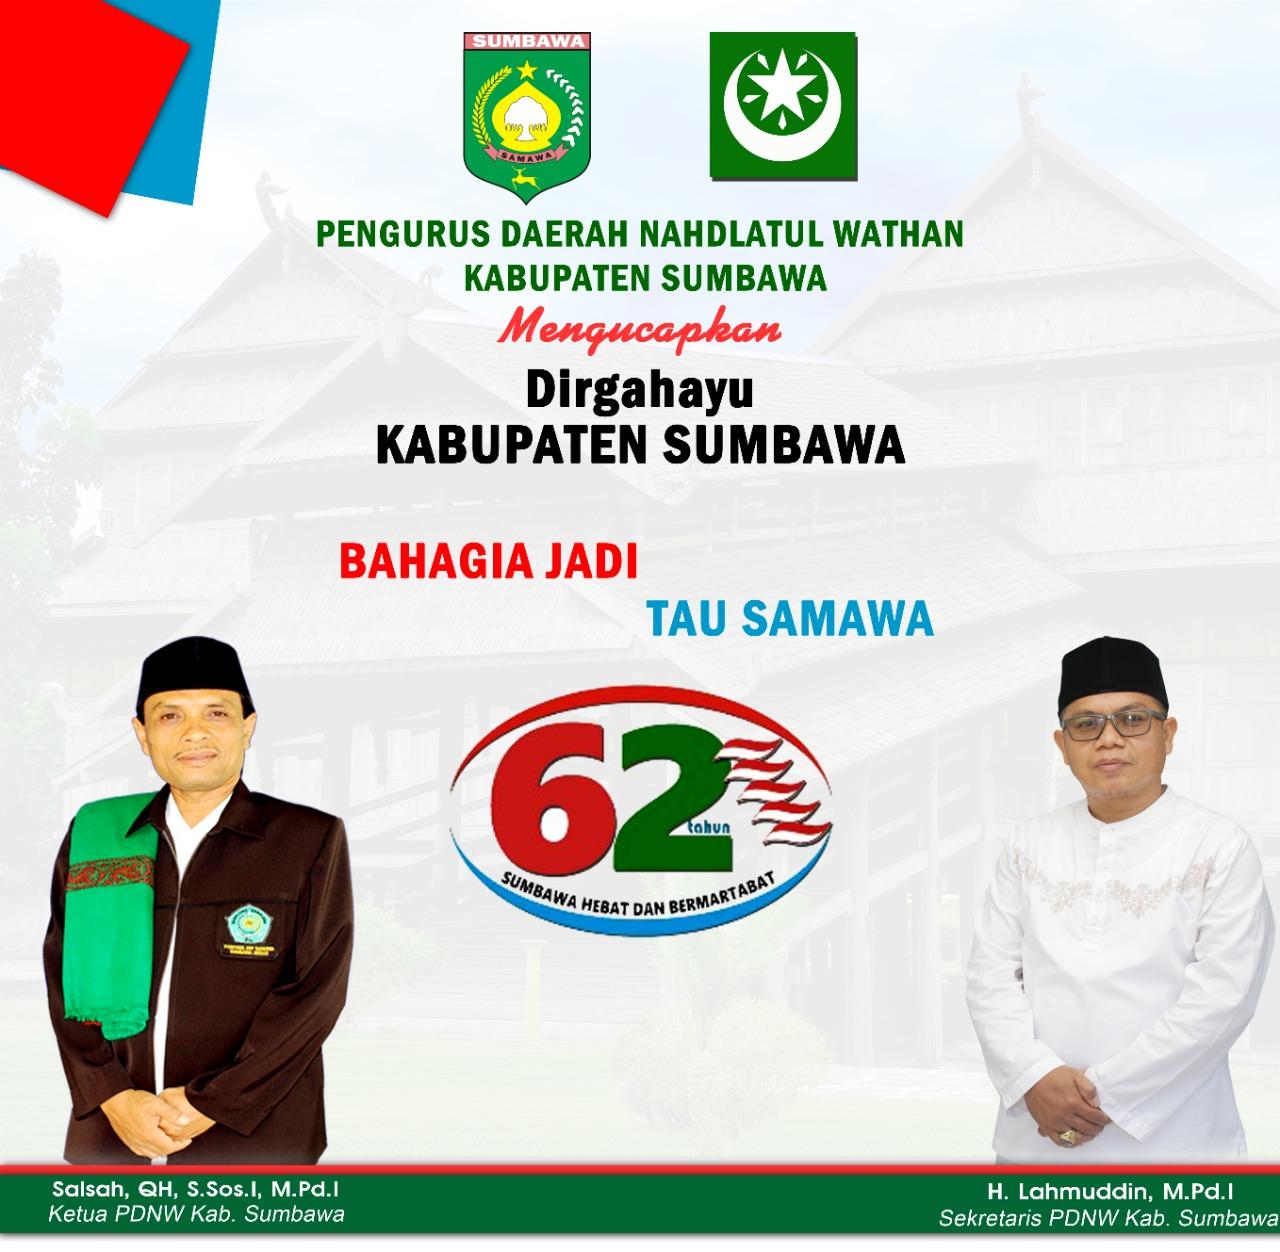 Pengurus Daerah Nahdlatul Wathan Kabupaten Sumbawa Mengucapkan Selamat HUT ke – 62 Kabupaten Sumbawa